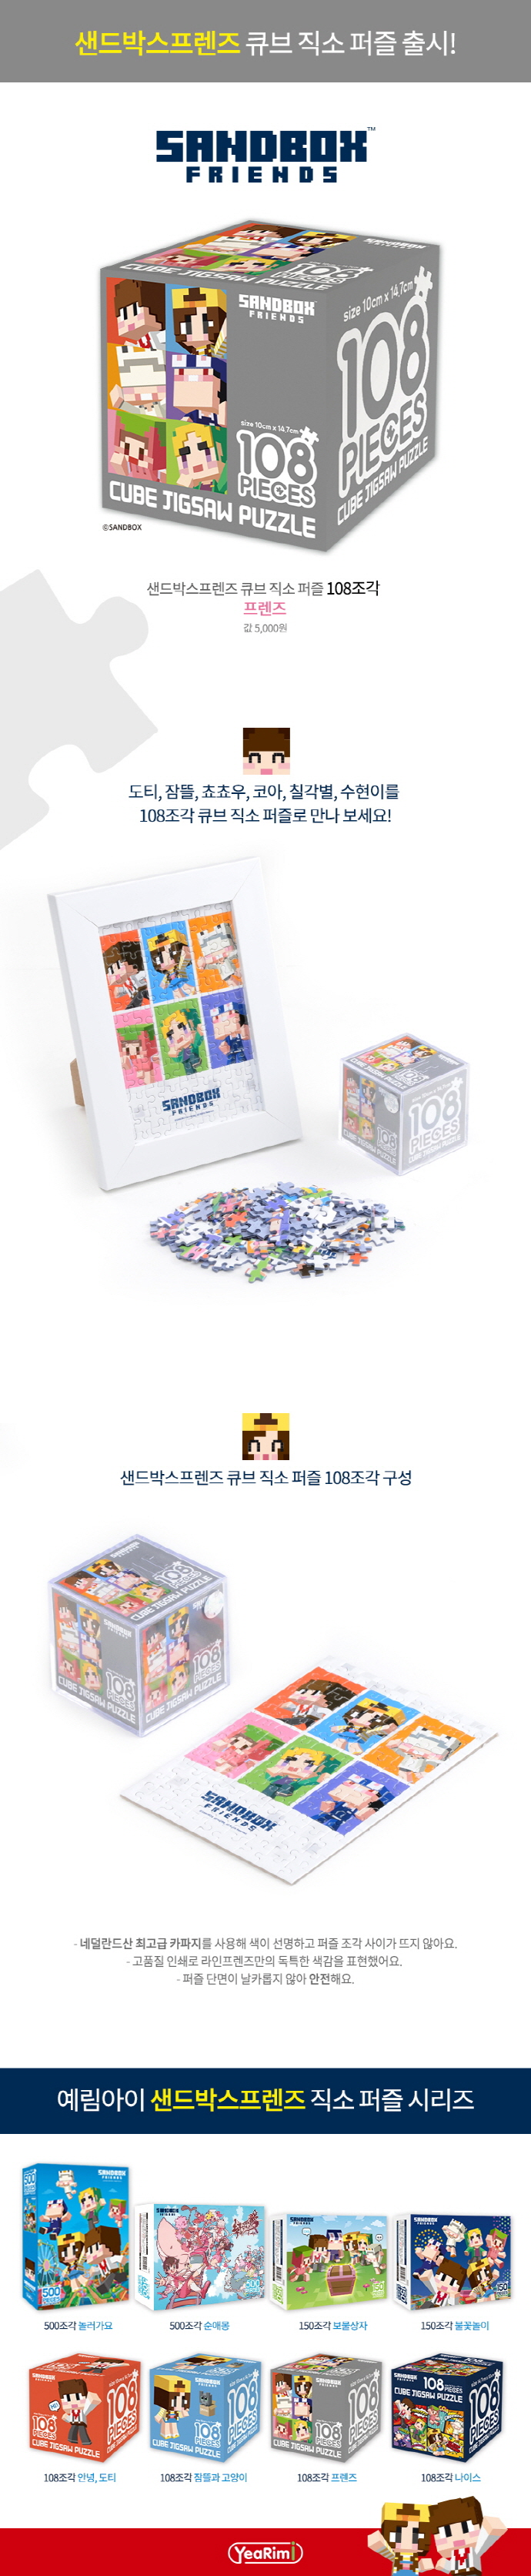 샌드박스프렌즈 큐브 직소 퍼즐 108조각 프렌즈(예림아이 큐브 직소퍼즐) 도서 상세이미지